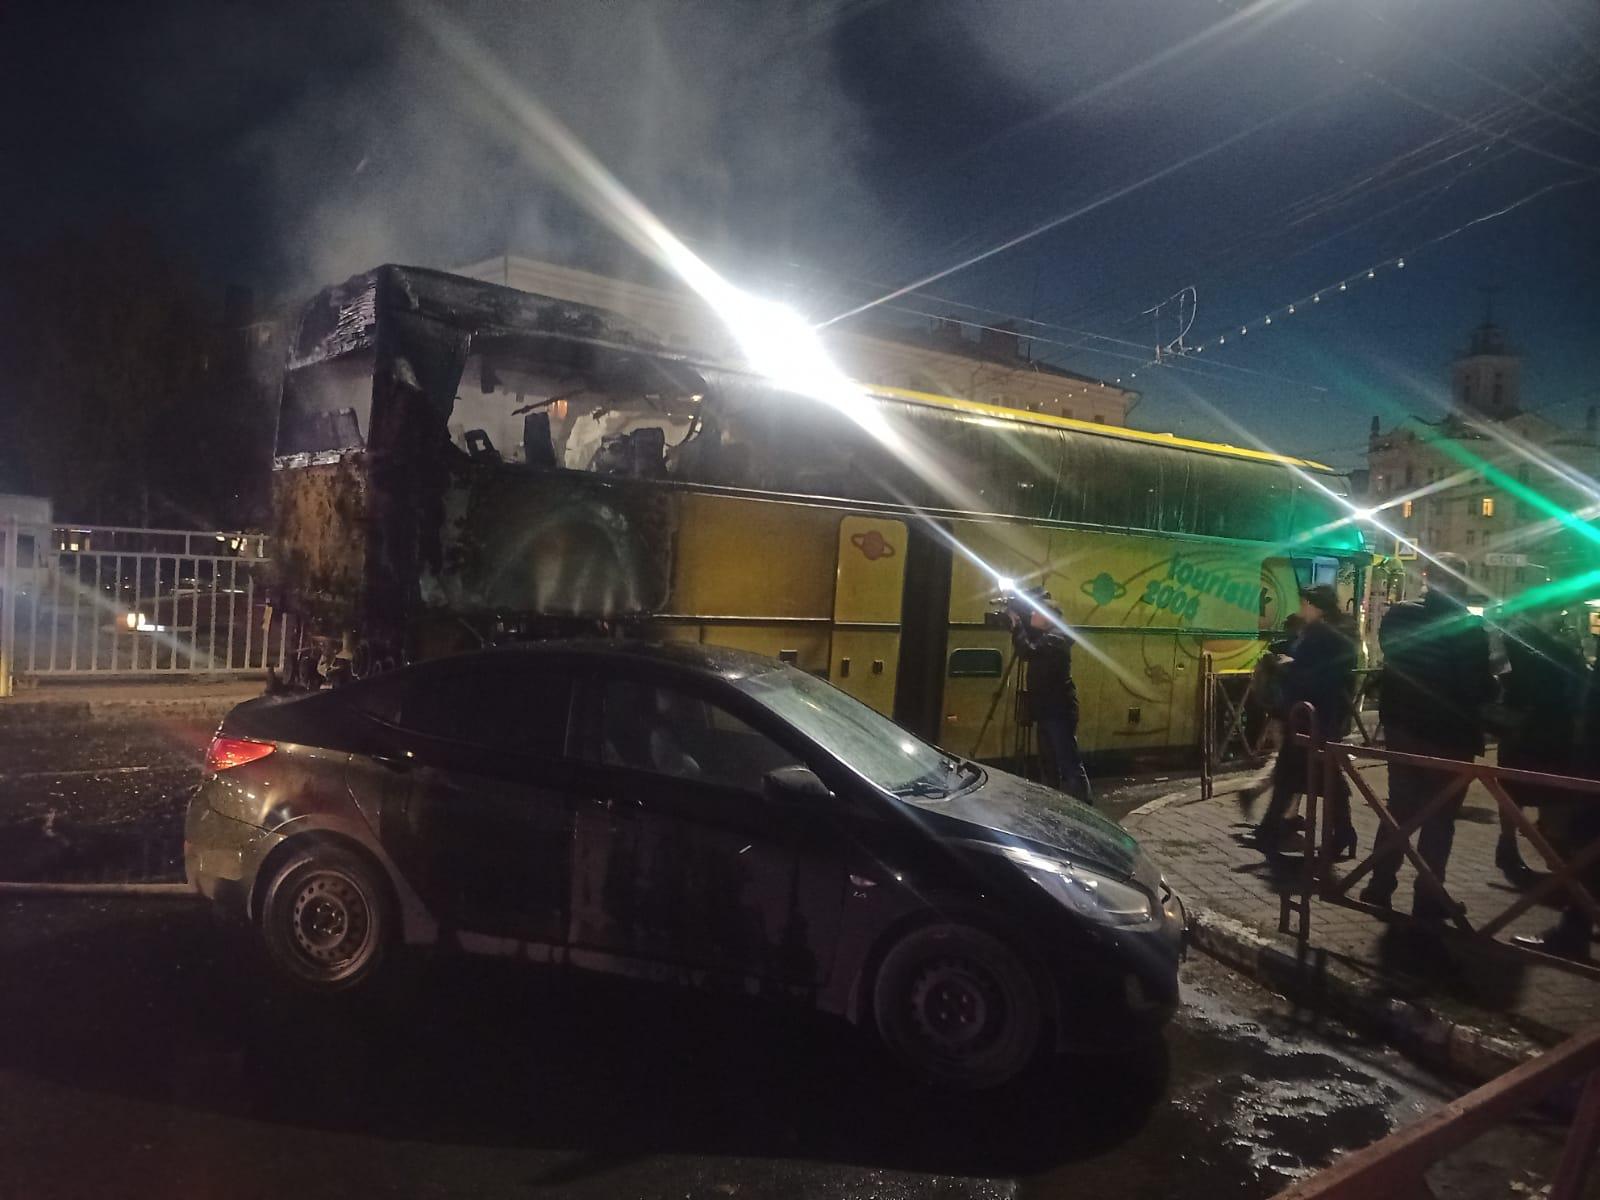 У «Гиганта» в Ярославле загорелся туристический автобус